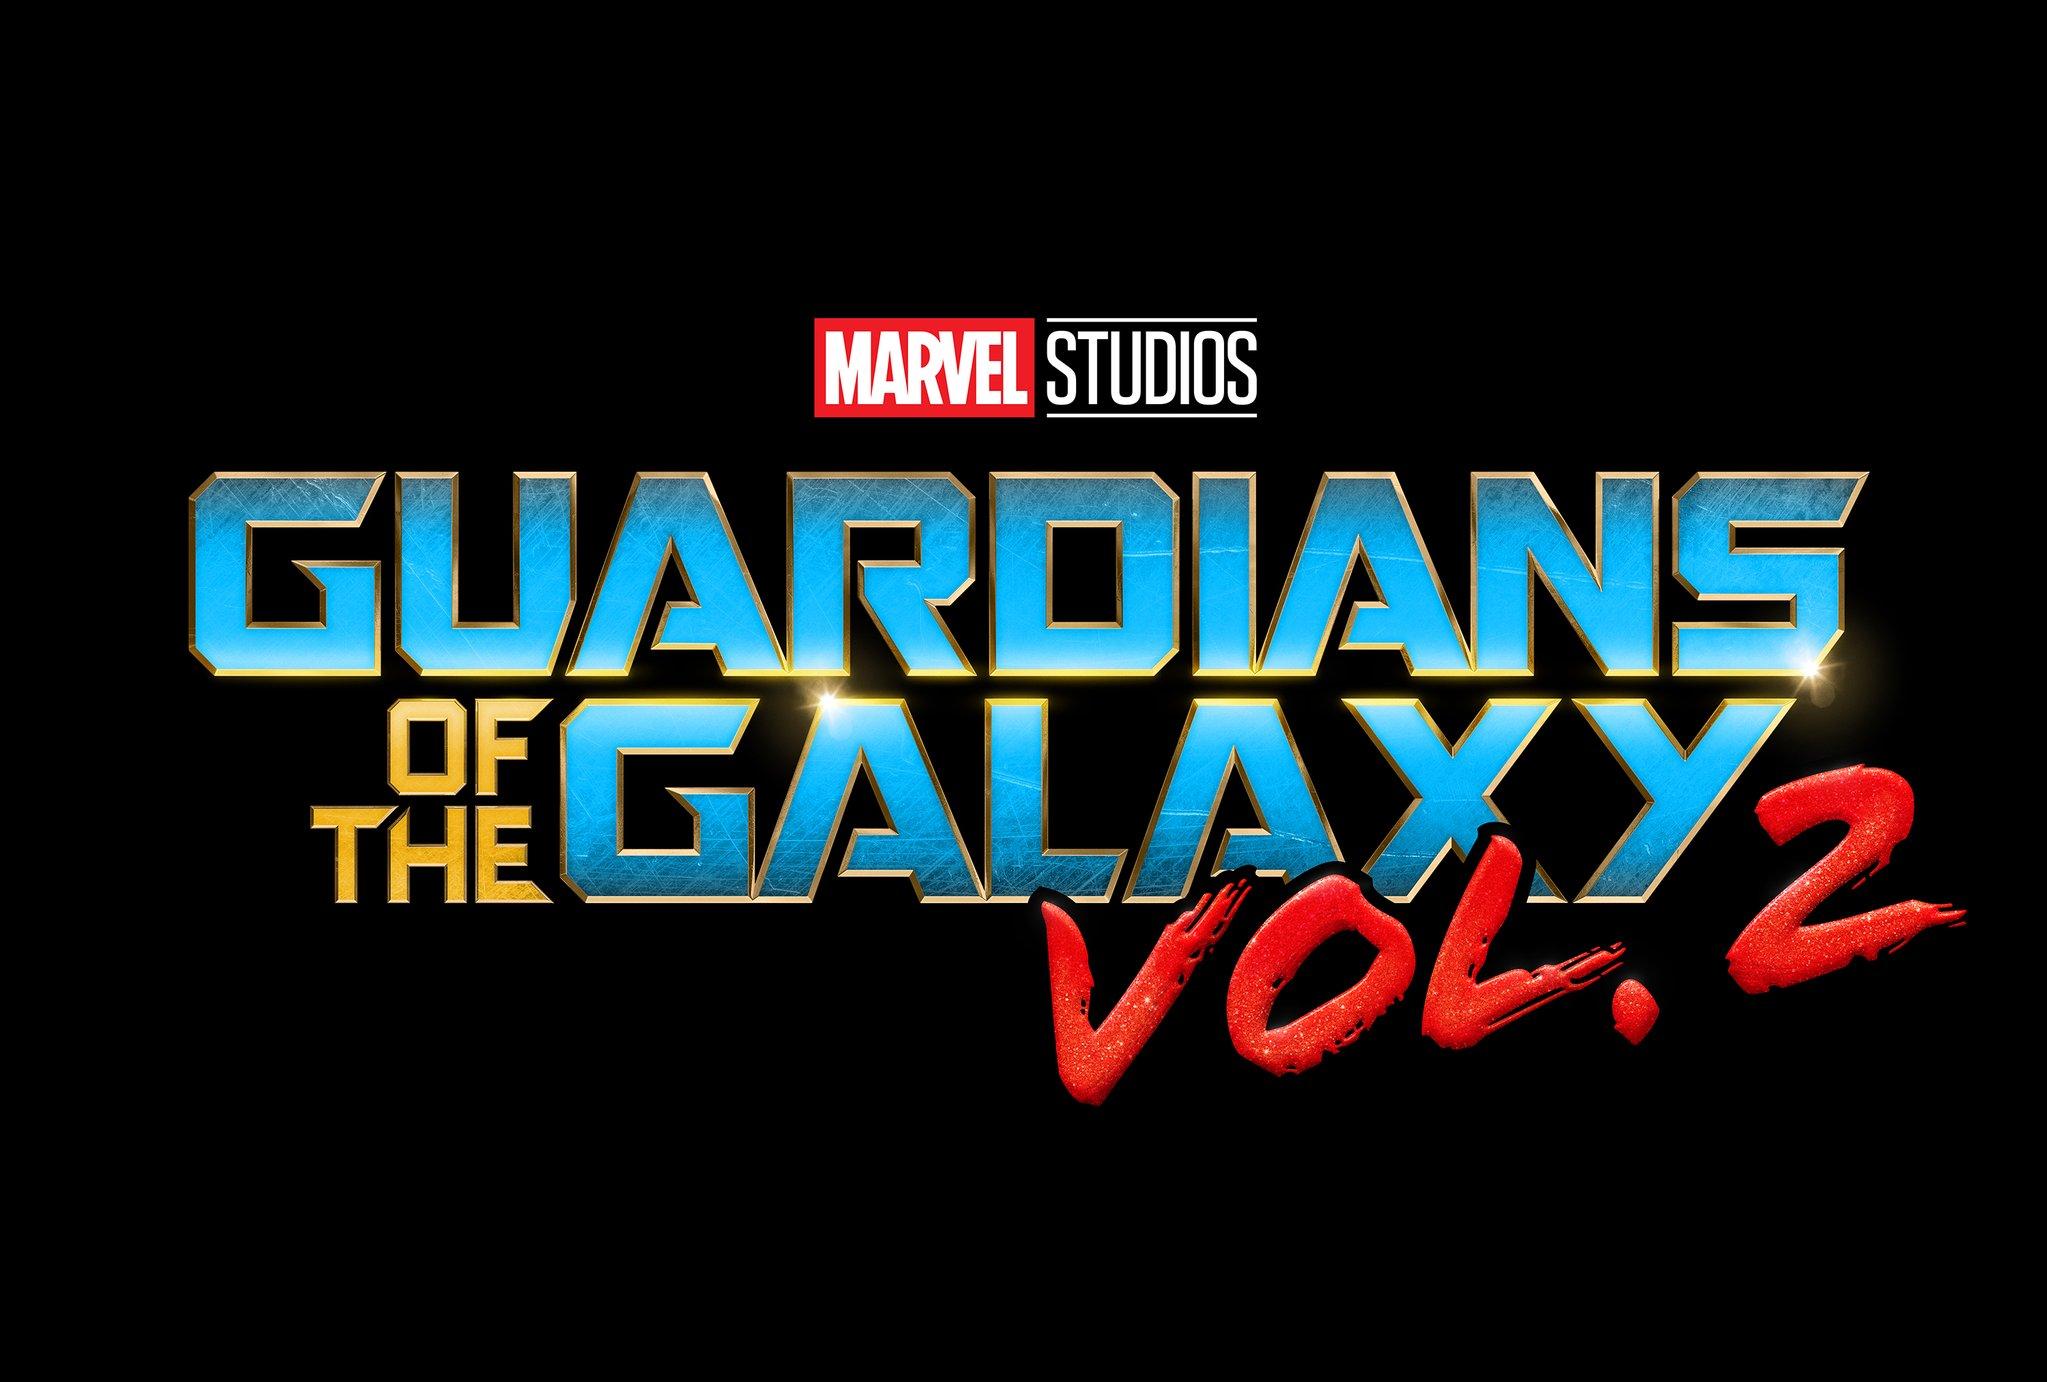 """La crítica ya vio """"Guardianes de la Galaxia Vol. 2"""" y esto fue lo que dijo"""